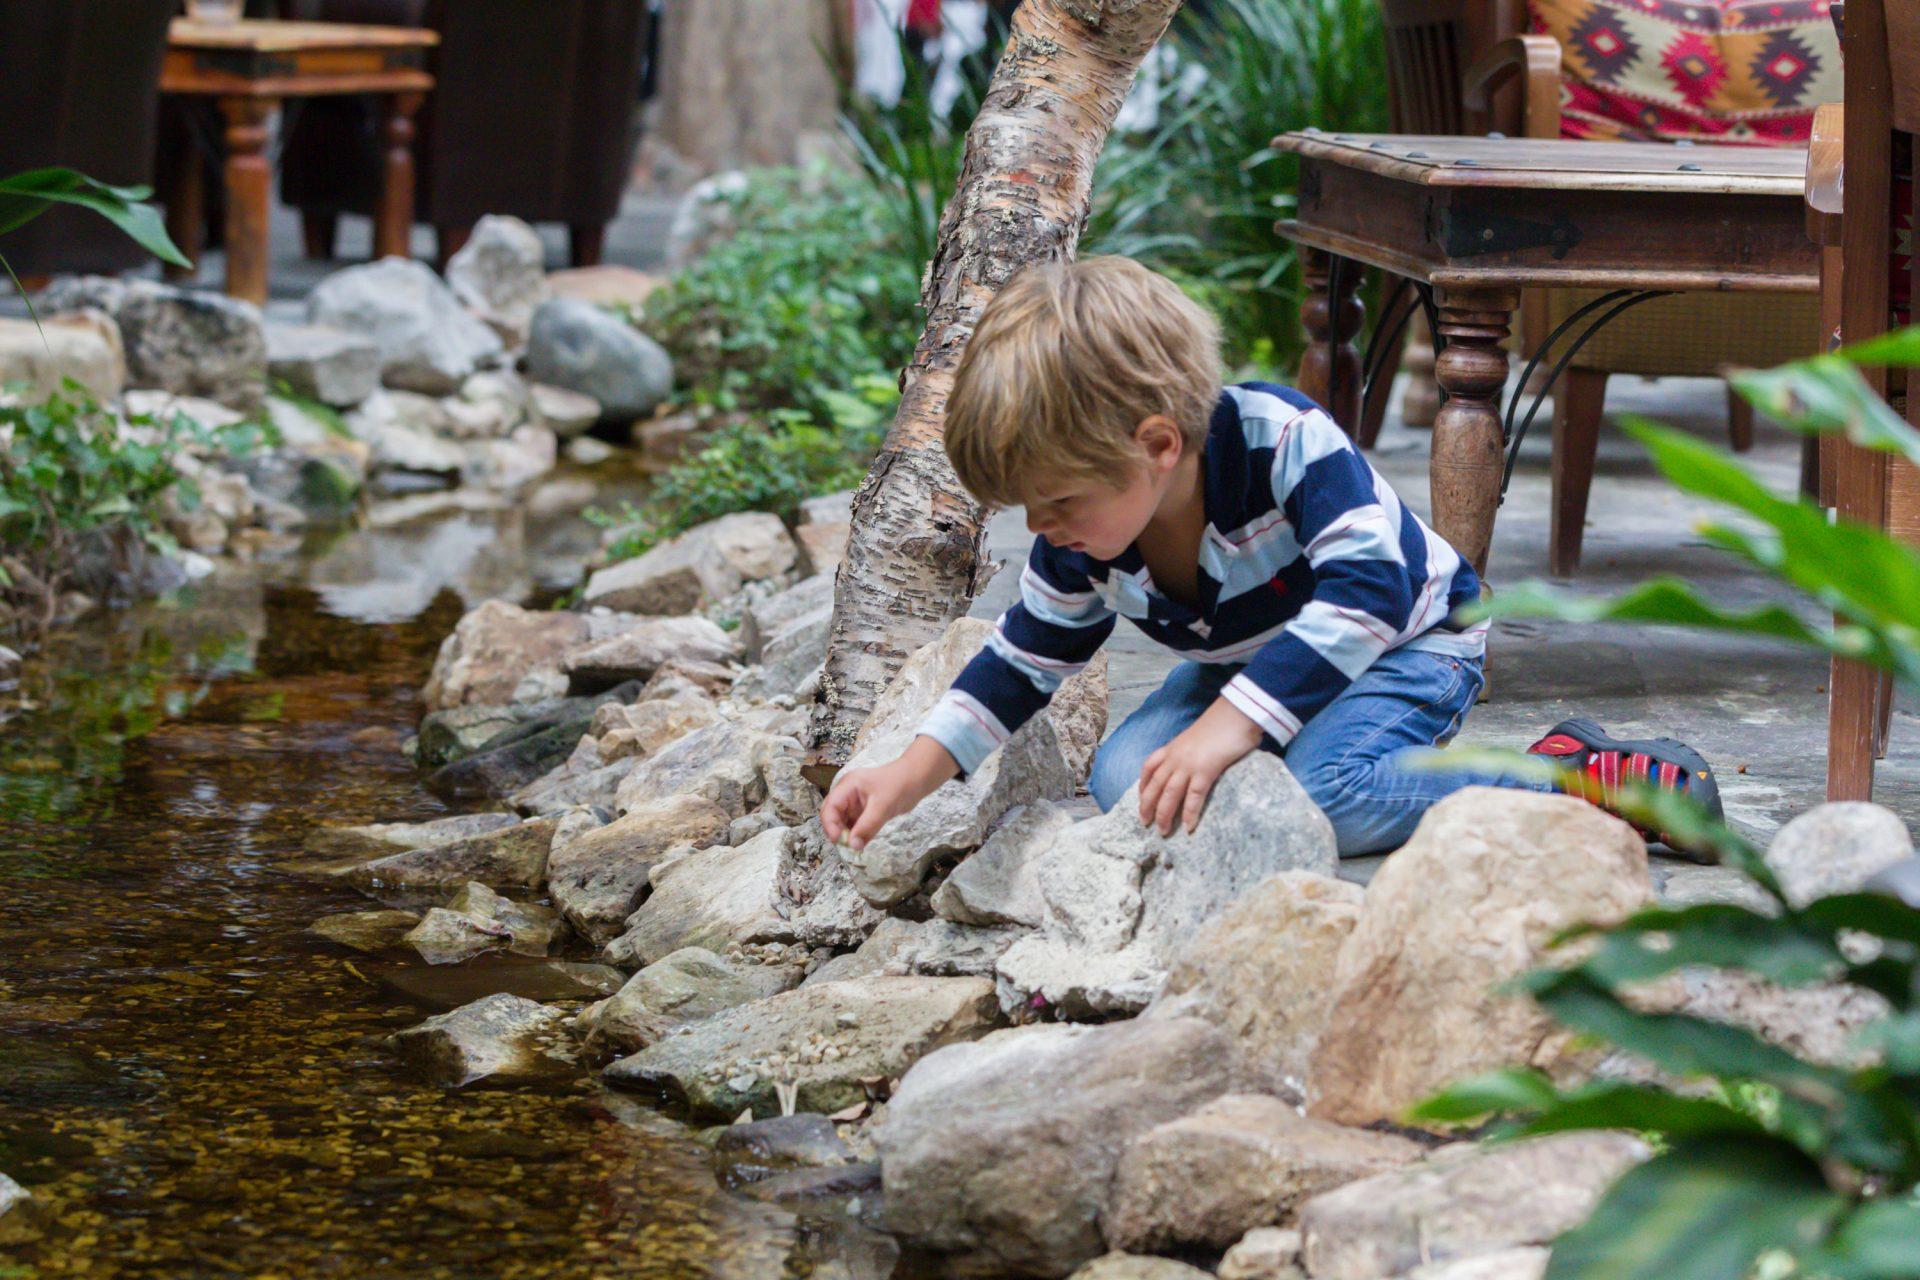 Kille vatten vinterträdgård storhogna